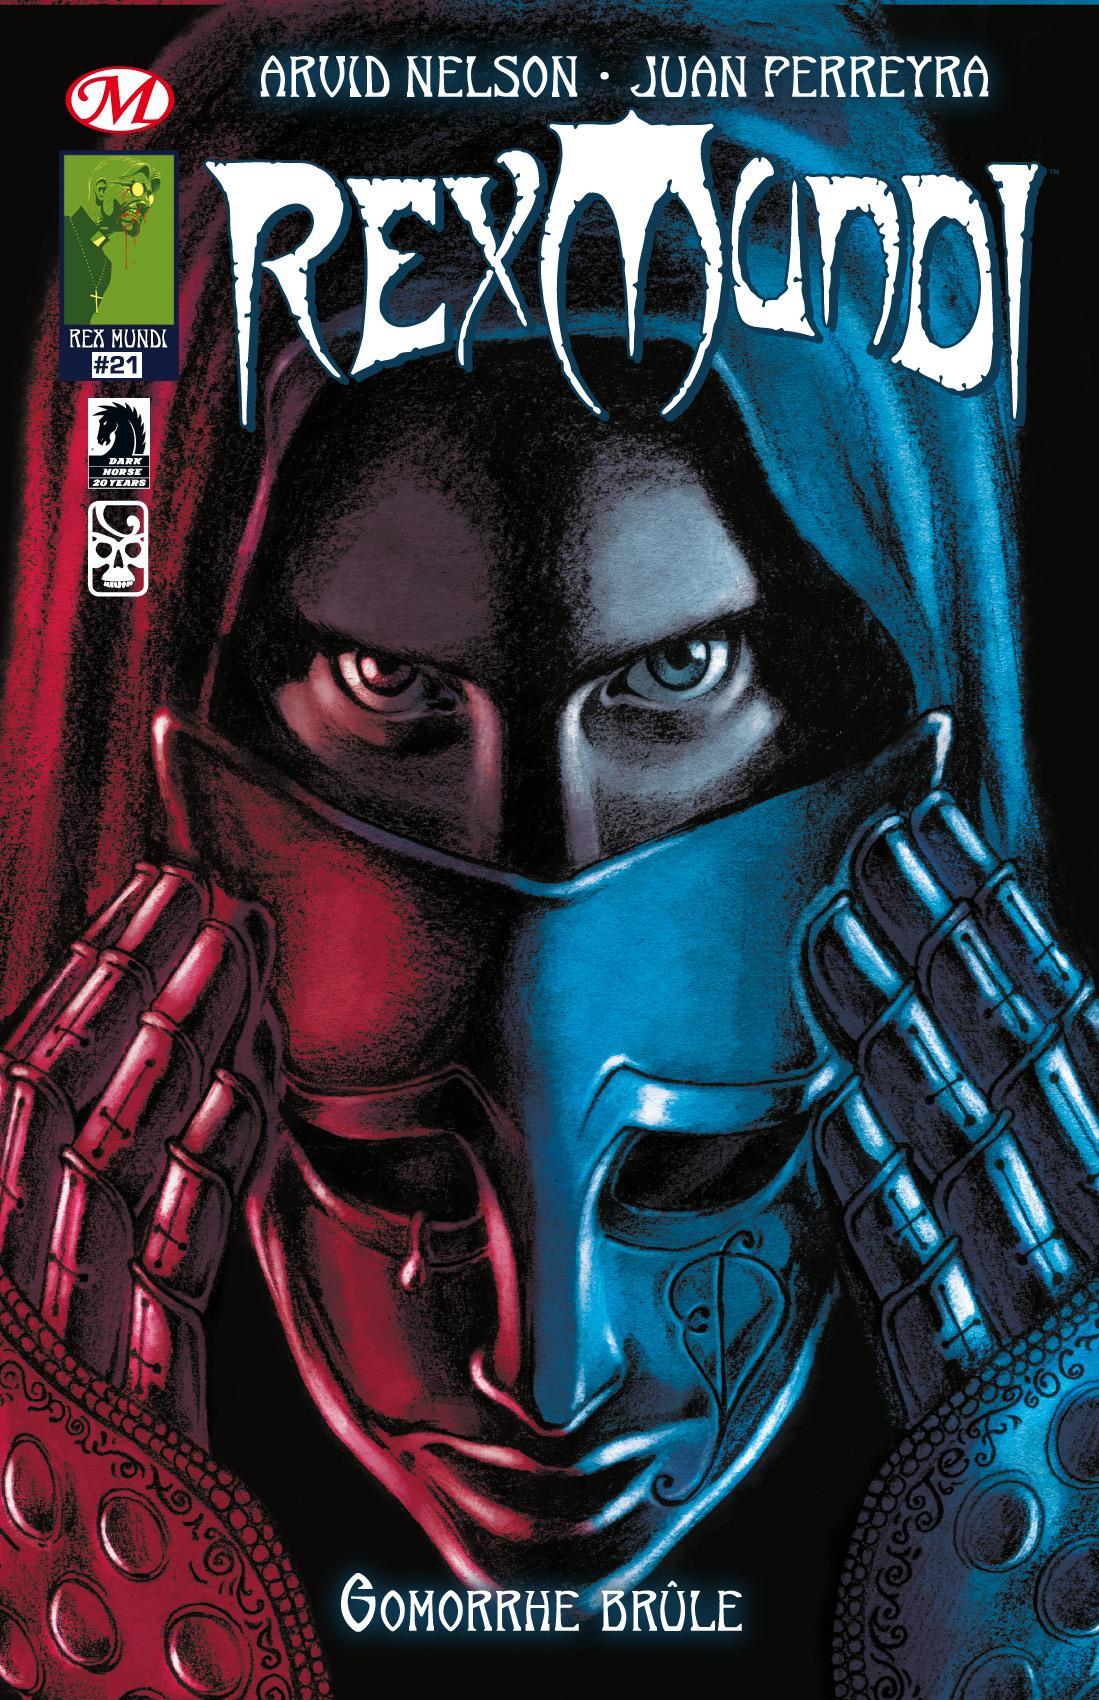 Rex Mundi #21, REX MUNDI, T4